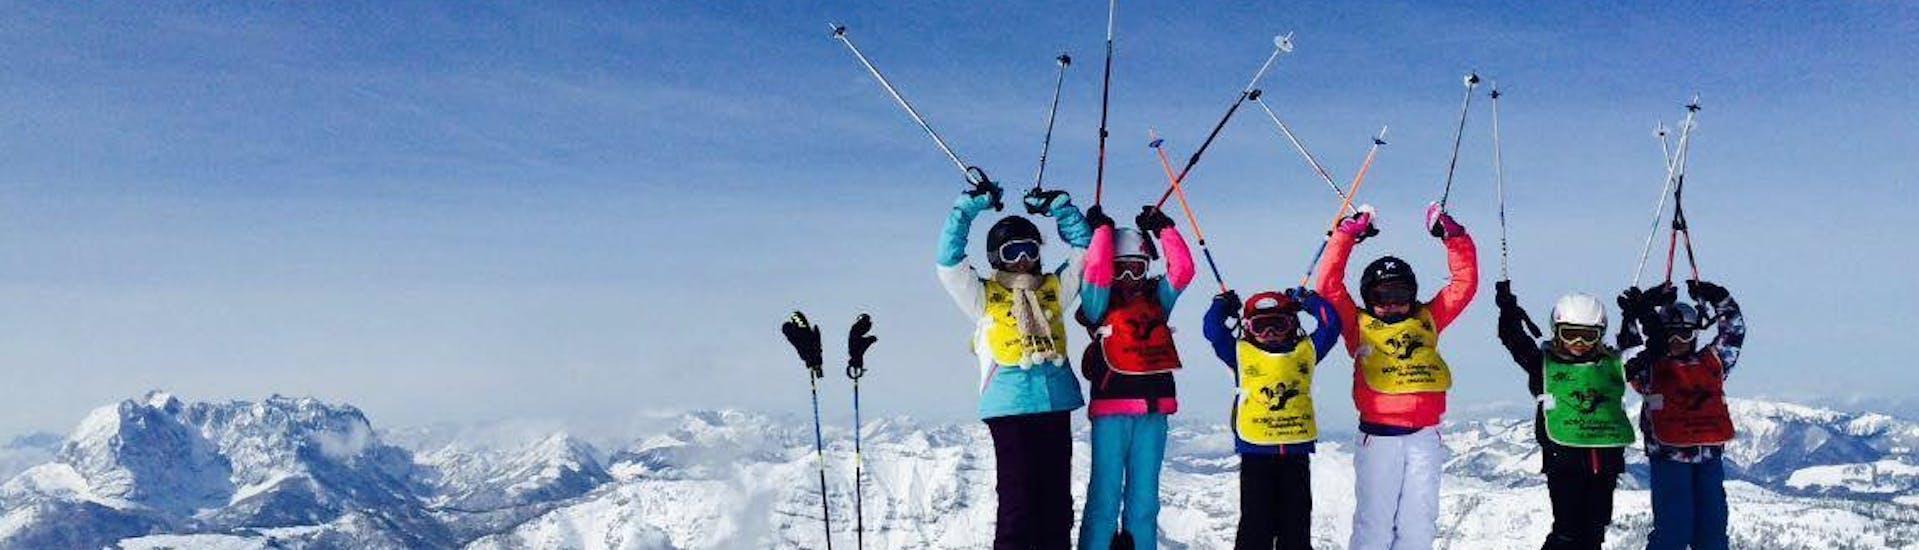 Kinder haben Spaß beim Kinder-Skikurs für Fortgeschrittene mit der Skischule Ruhpolding im Skigebiet Westernberg.